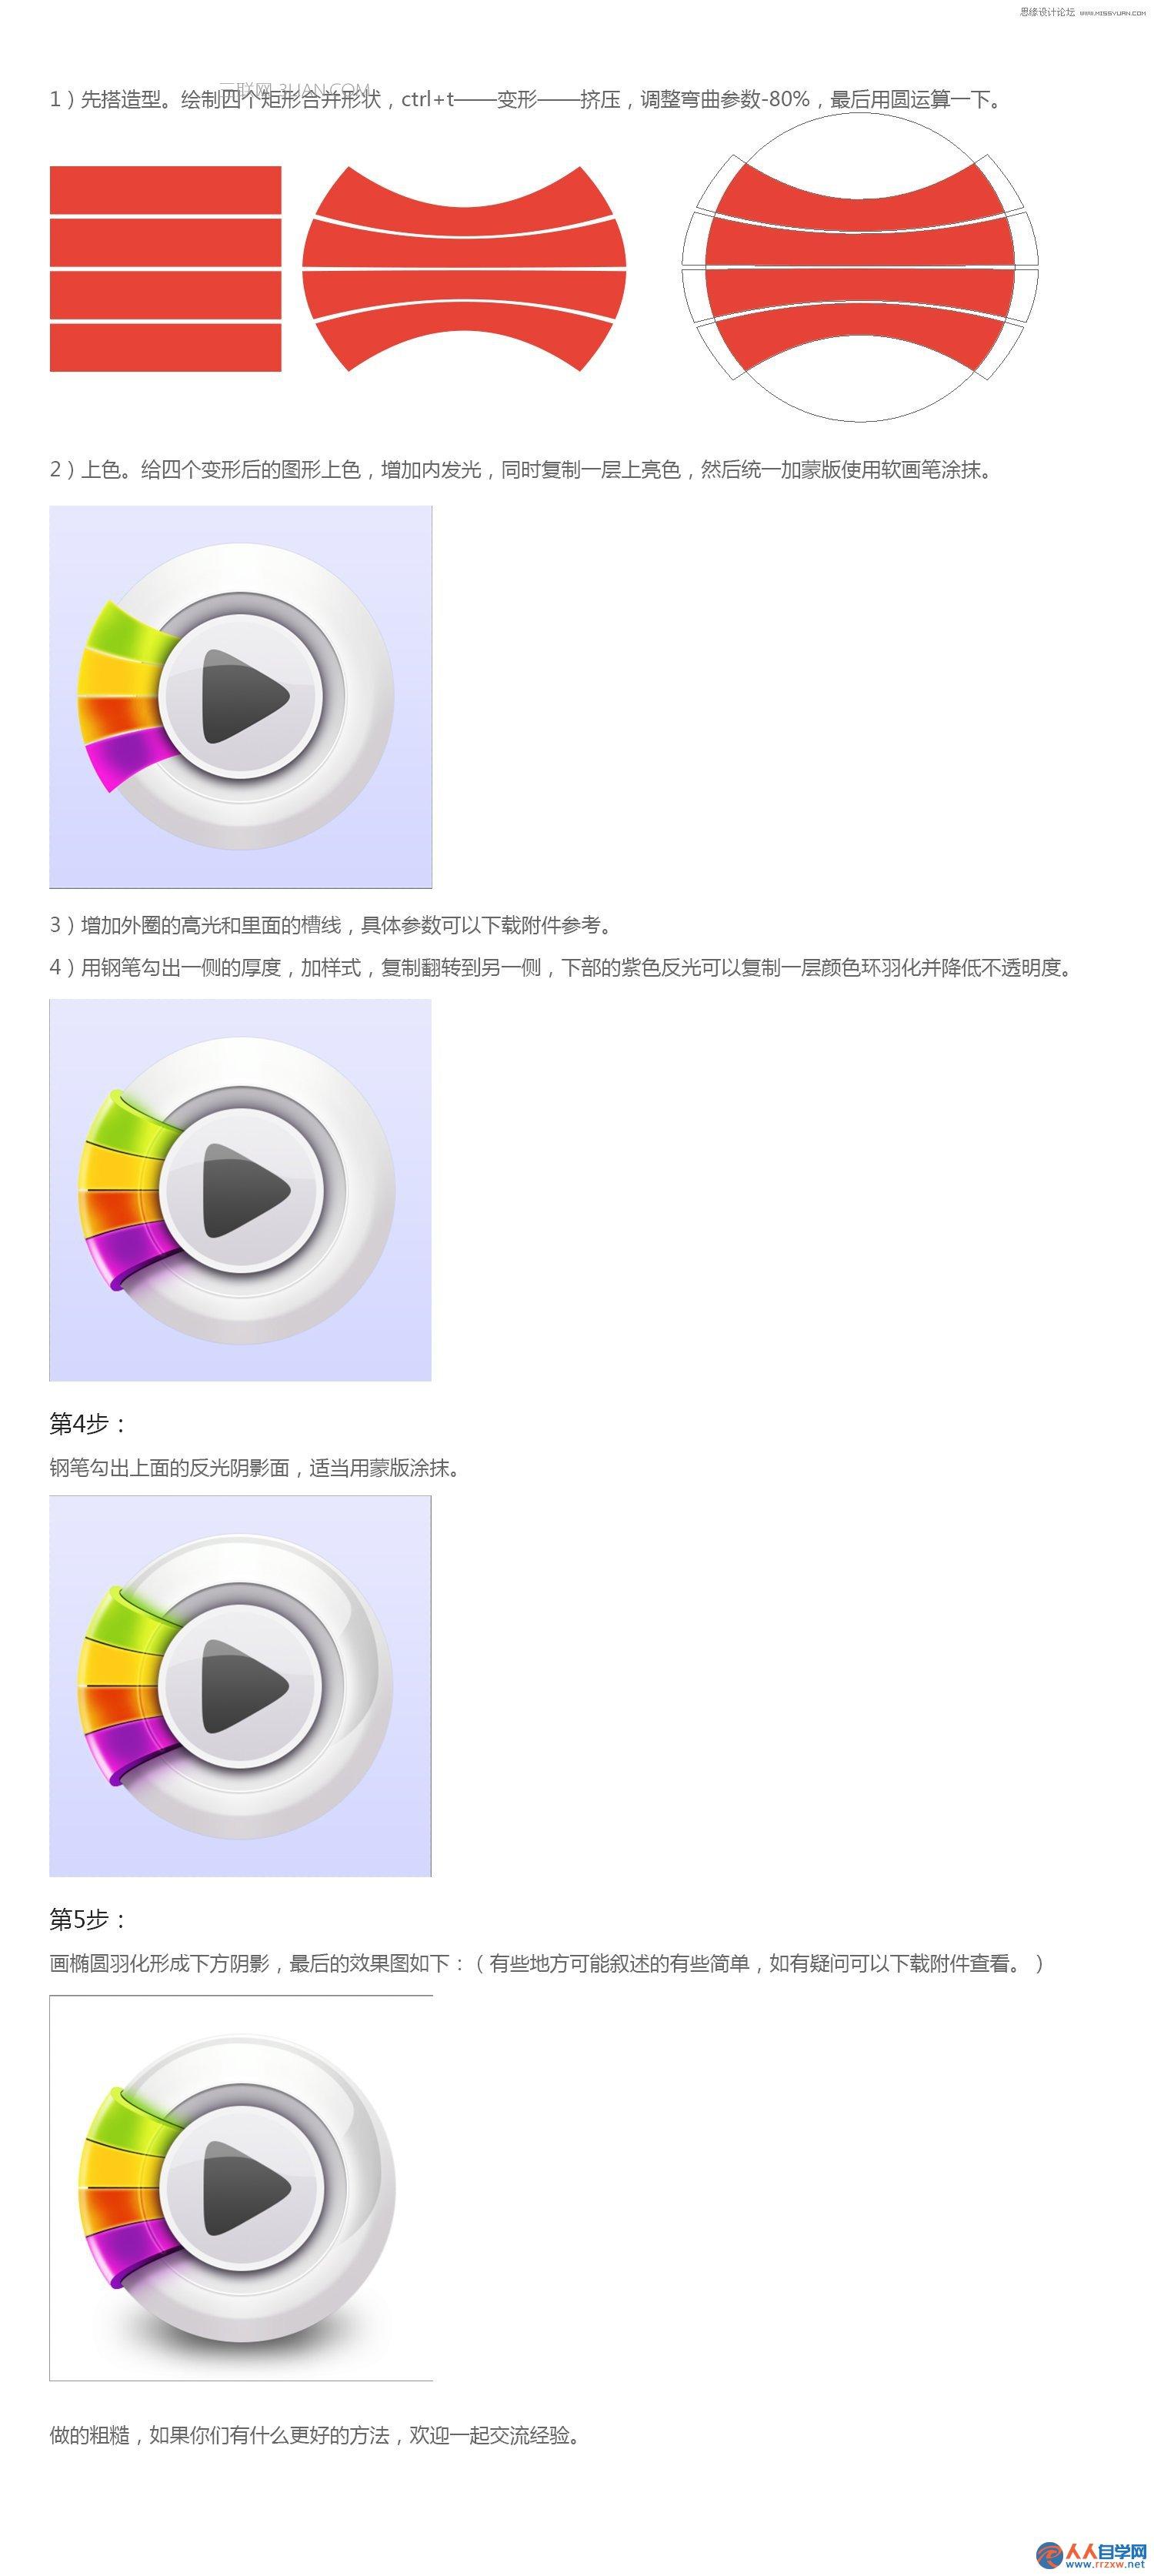 Photoshop绘制立体风格的播放器图标教程,PS教程,思缘教程网